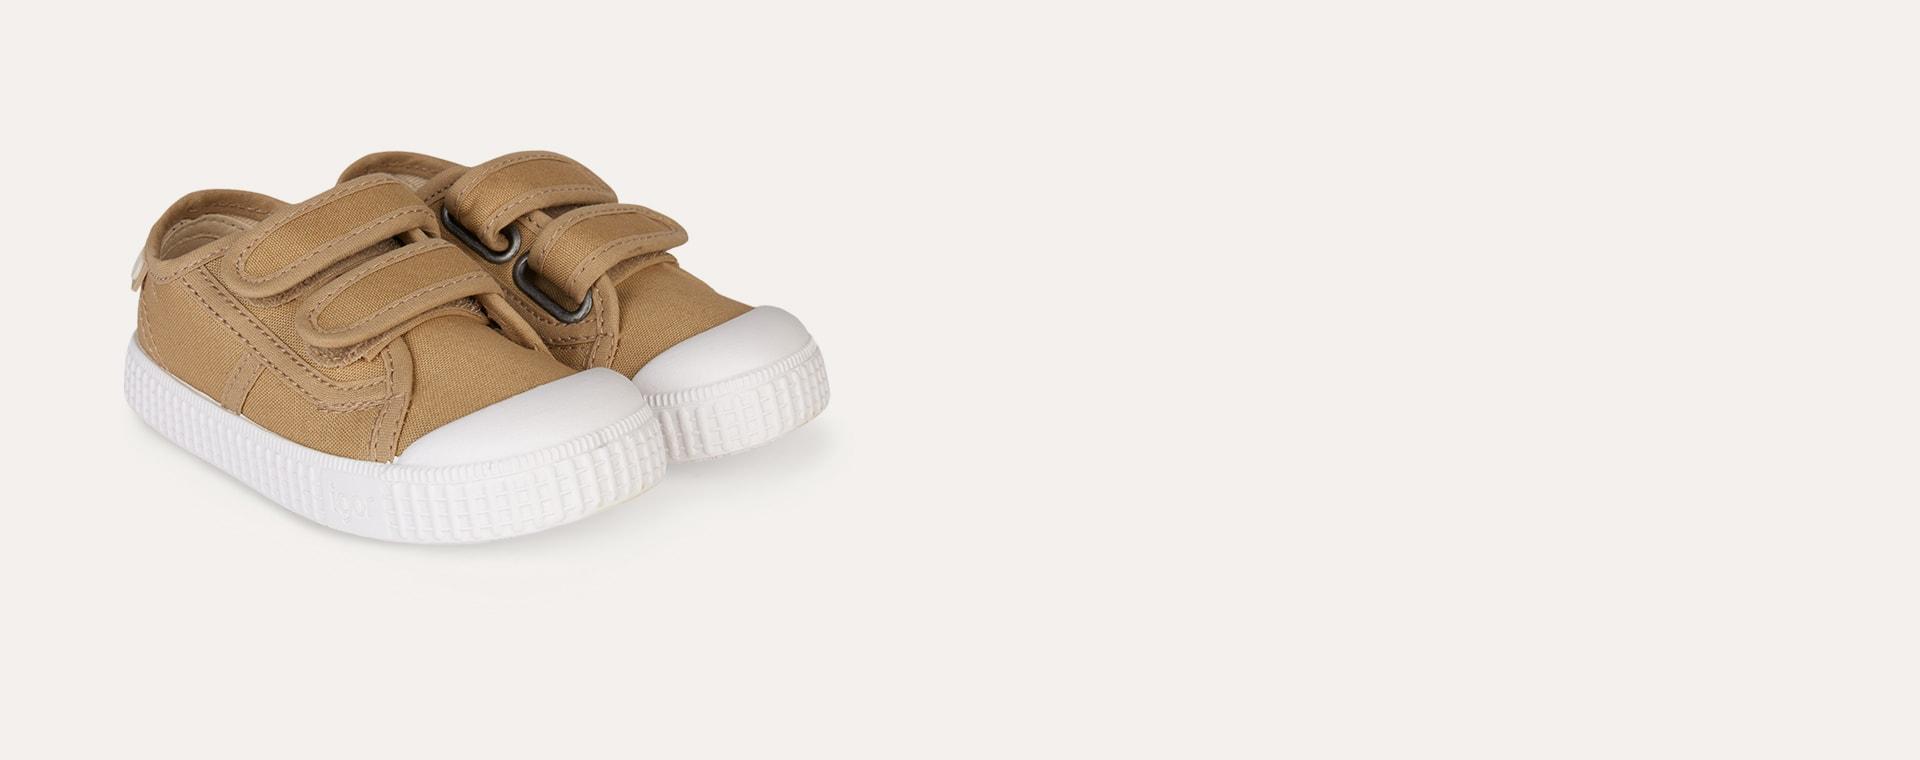 Beige igor Berri Velcro Tennis Shoe